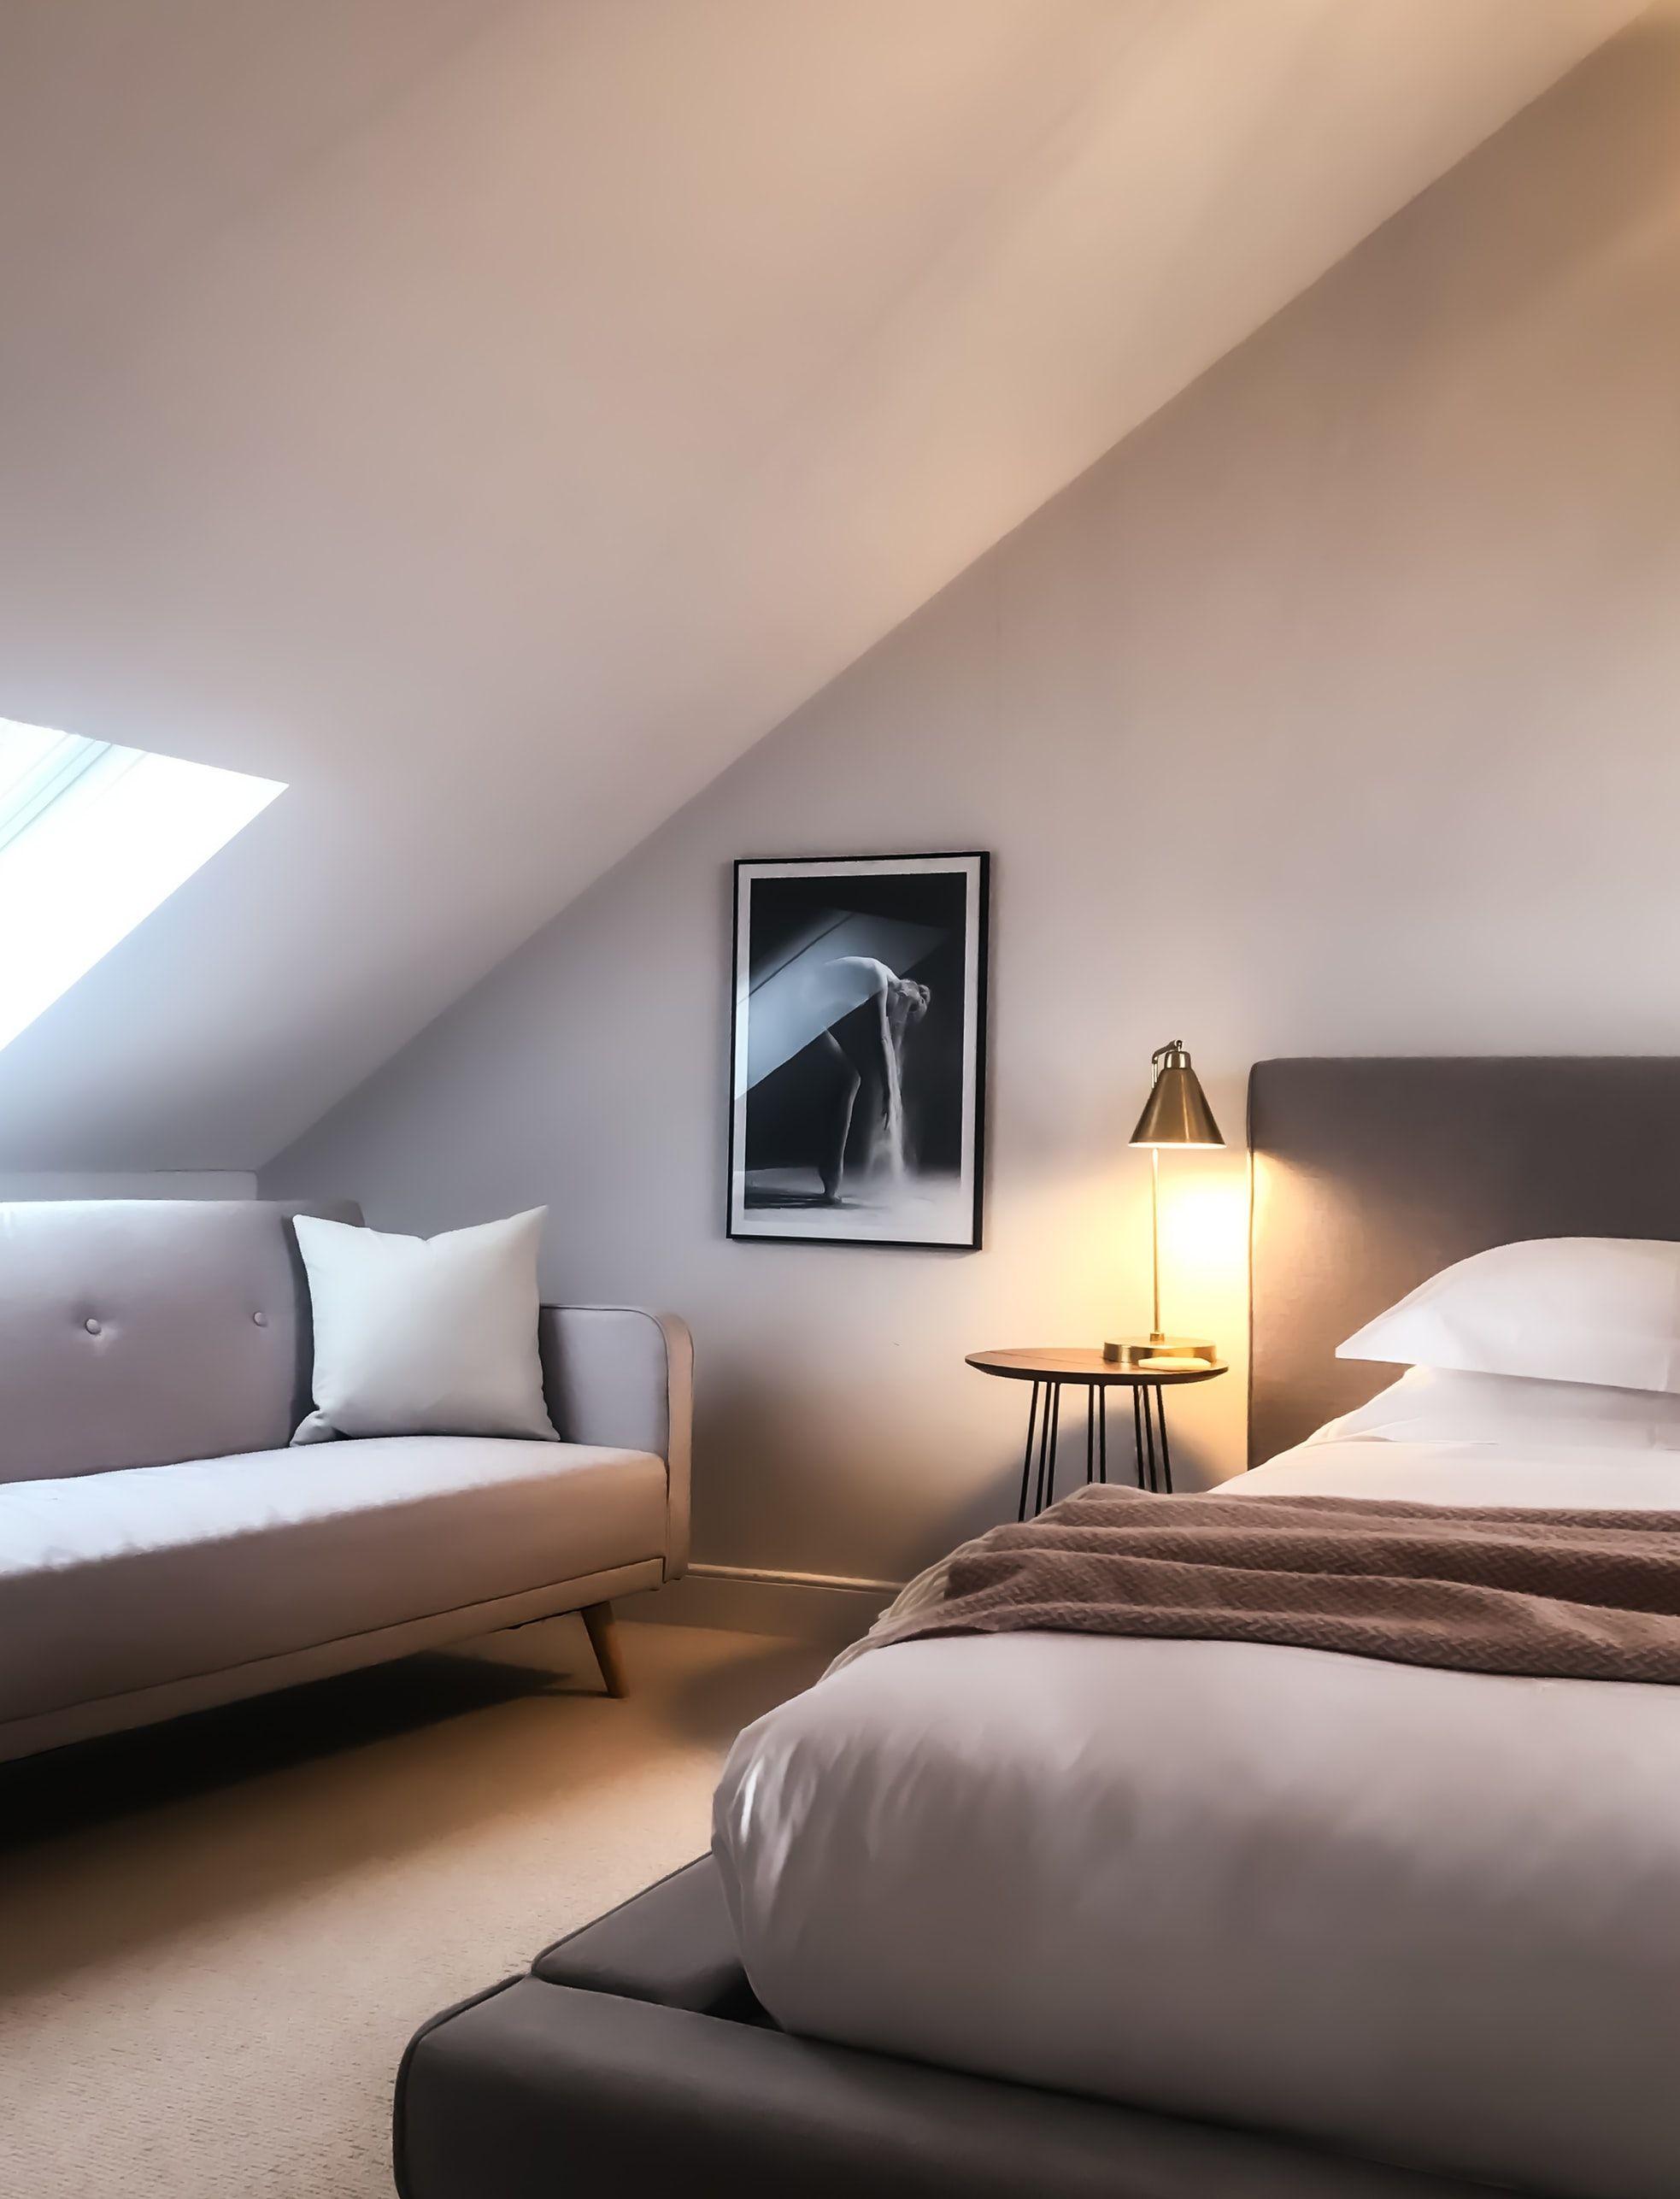 Una cama cómoda, básico para aumentar la experiencia de tus huéspedes de tu alojamiento rural, diseño e interiorismo como estrategia para multiplicar tus reservas online #SlowTravel #TursimoRural #SlowInteriorDesign #Interiorismoonline @Utrillanais